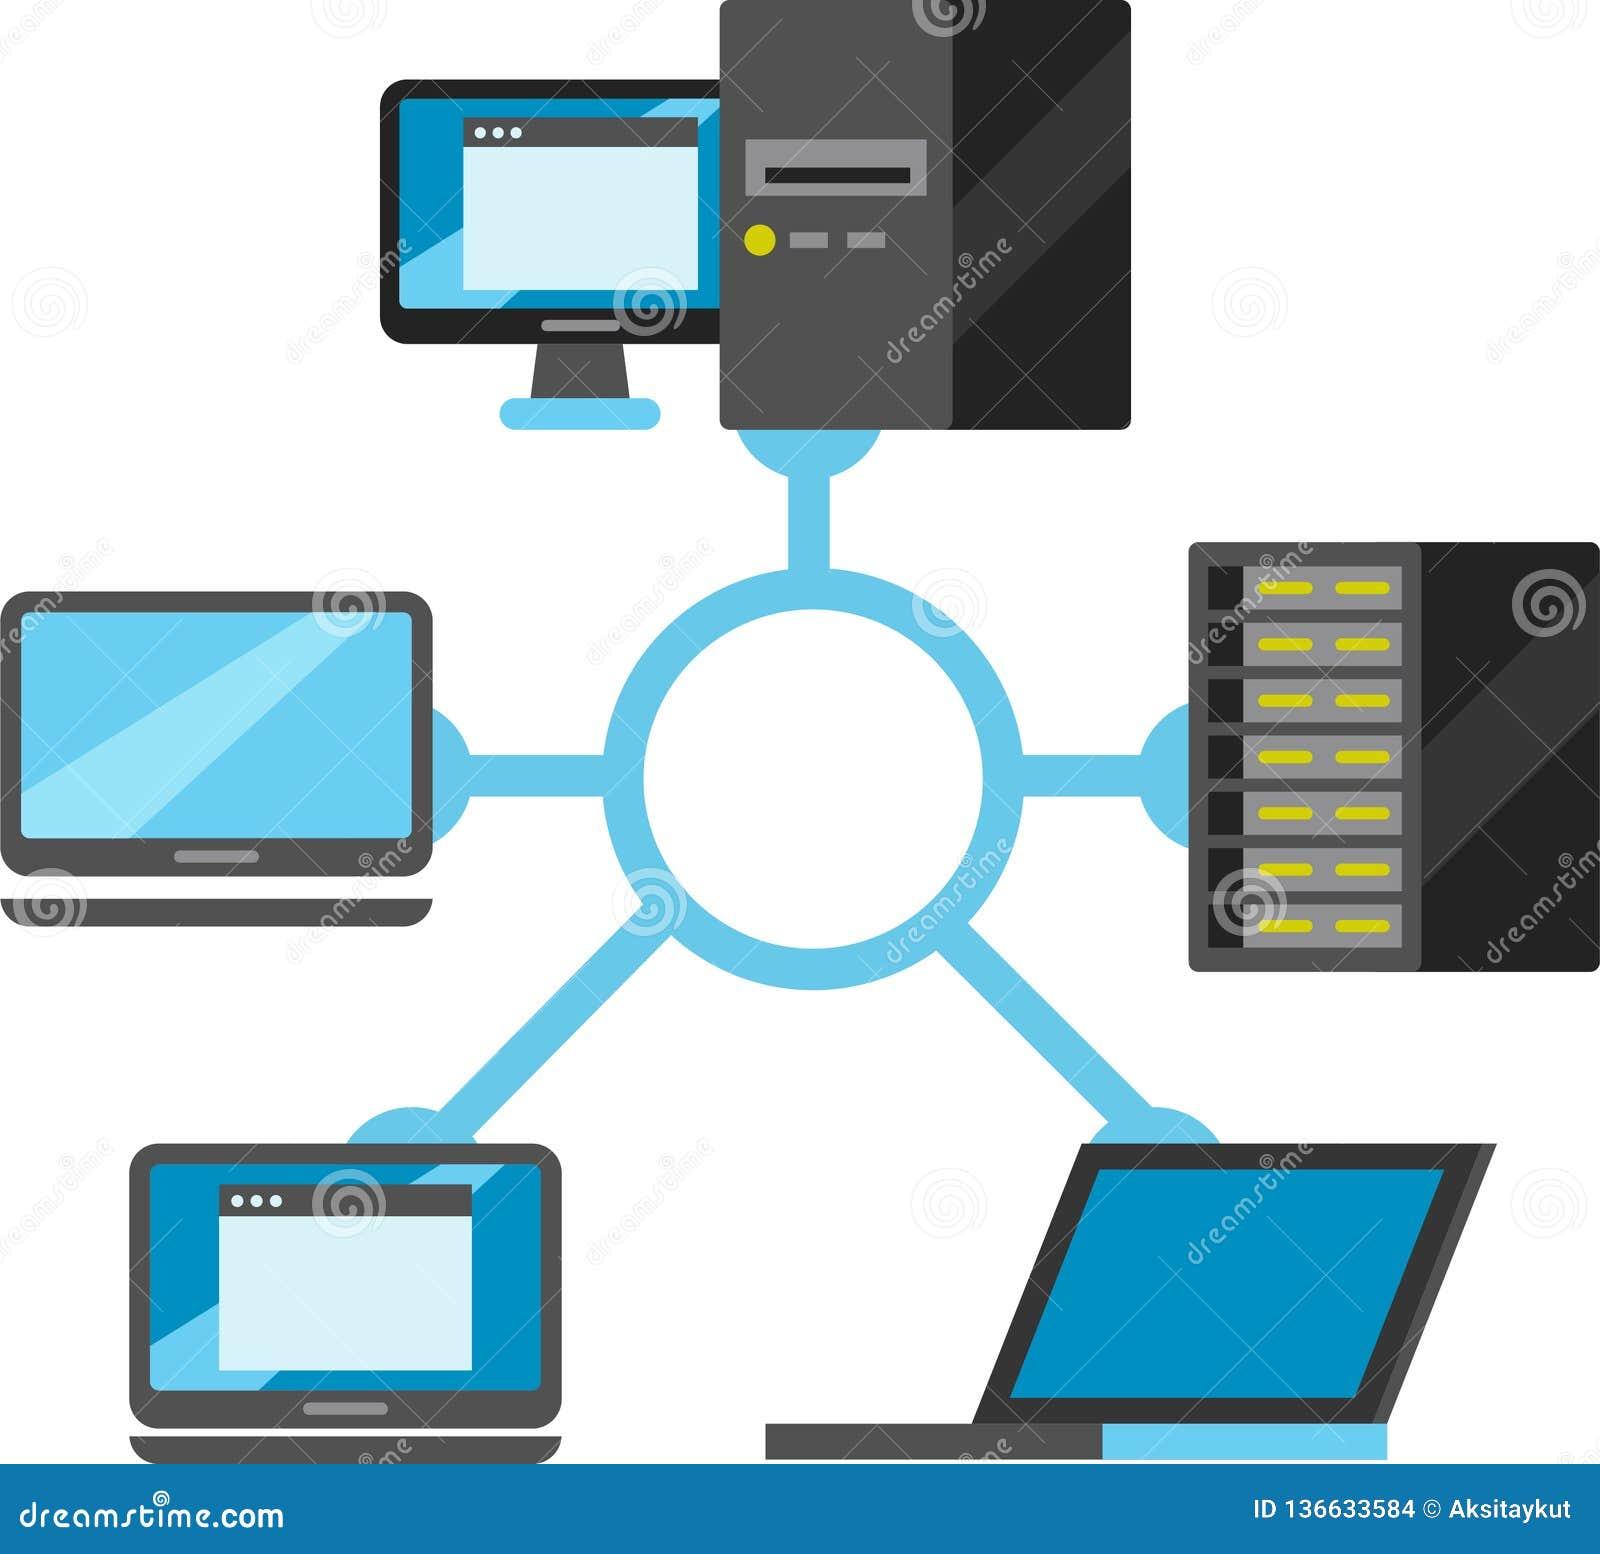 Internet do diagrama esquemático da conectividade das coisas